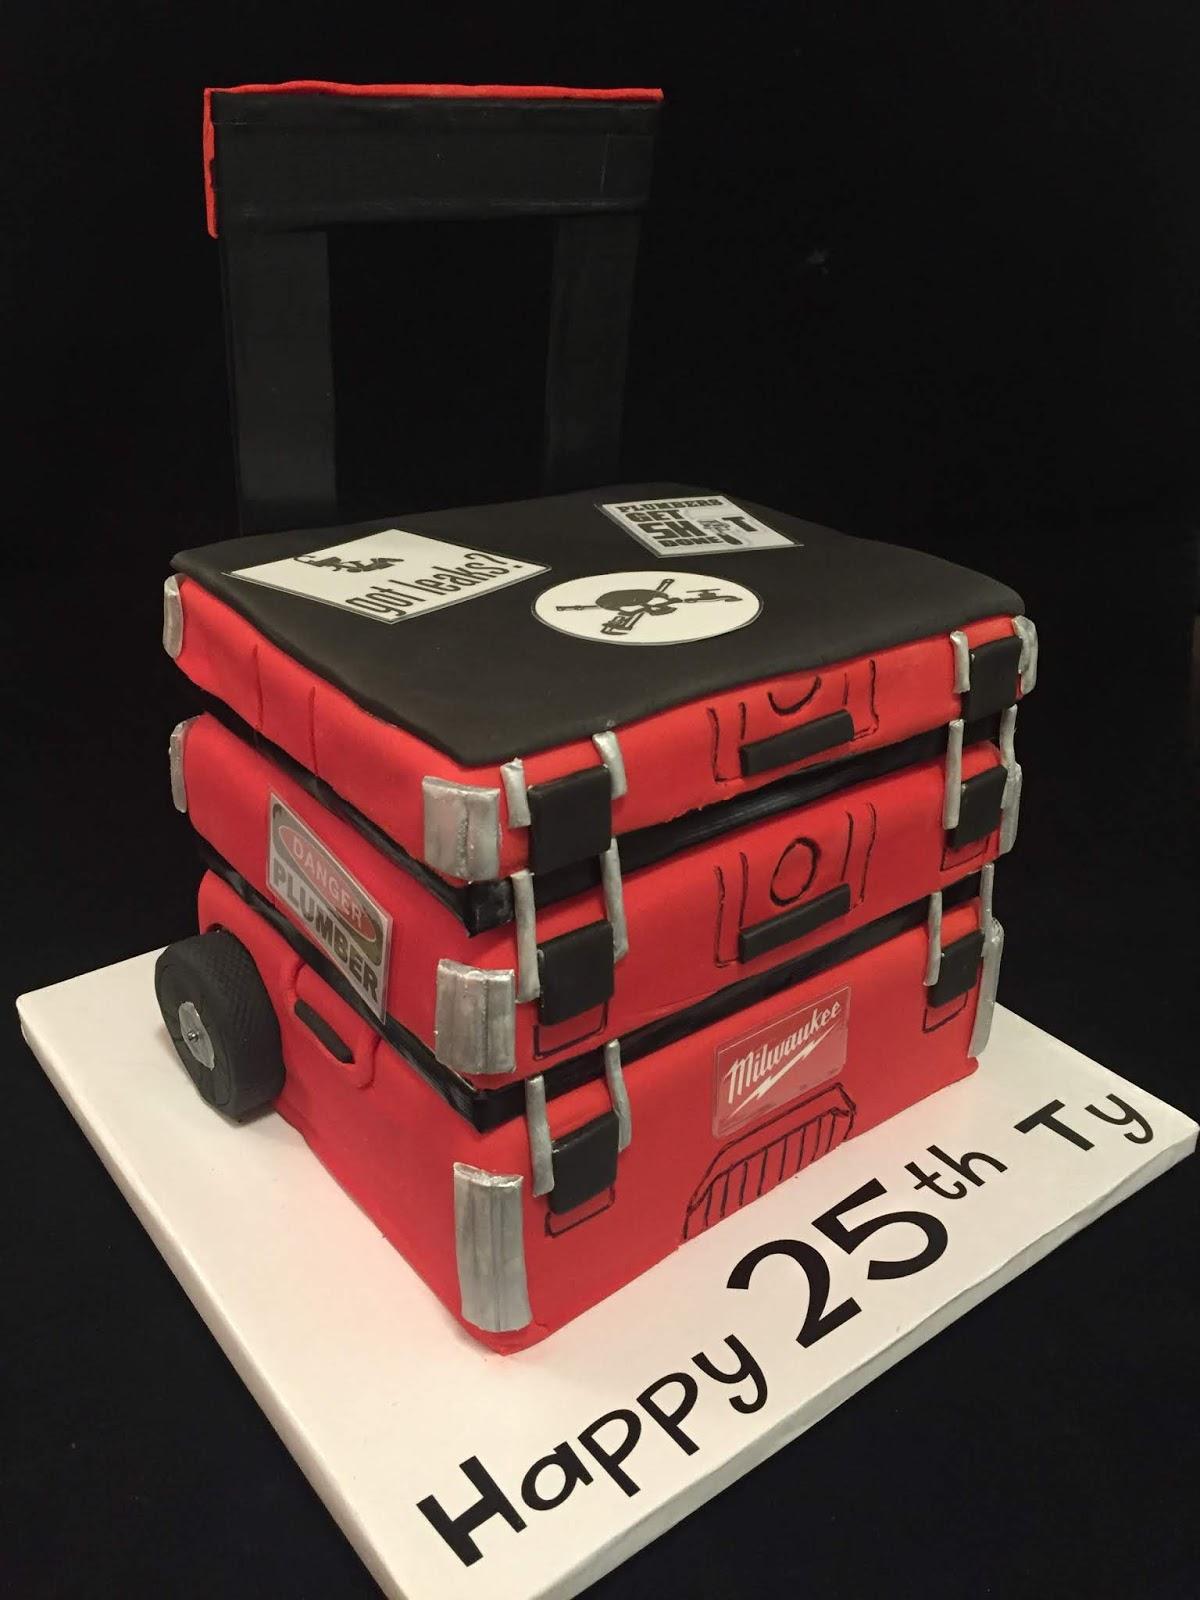 Ty S Milwaukee Tool Box Cake